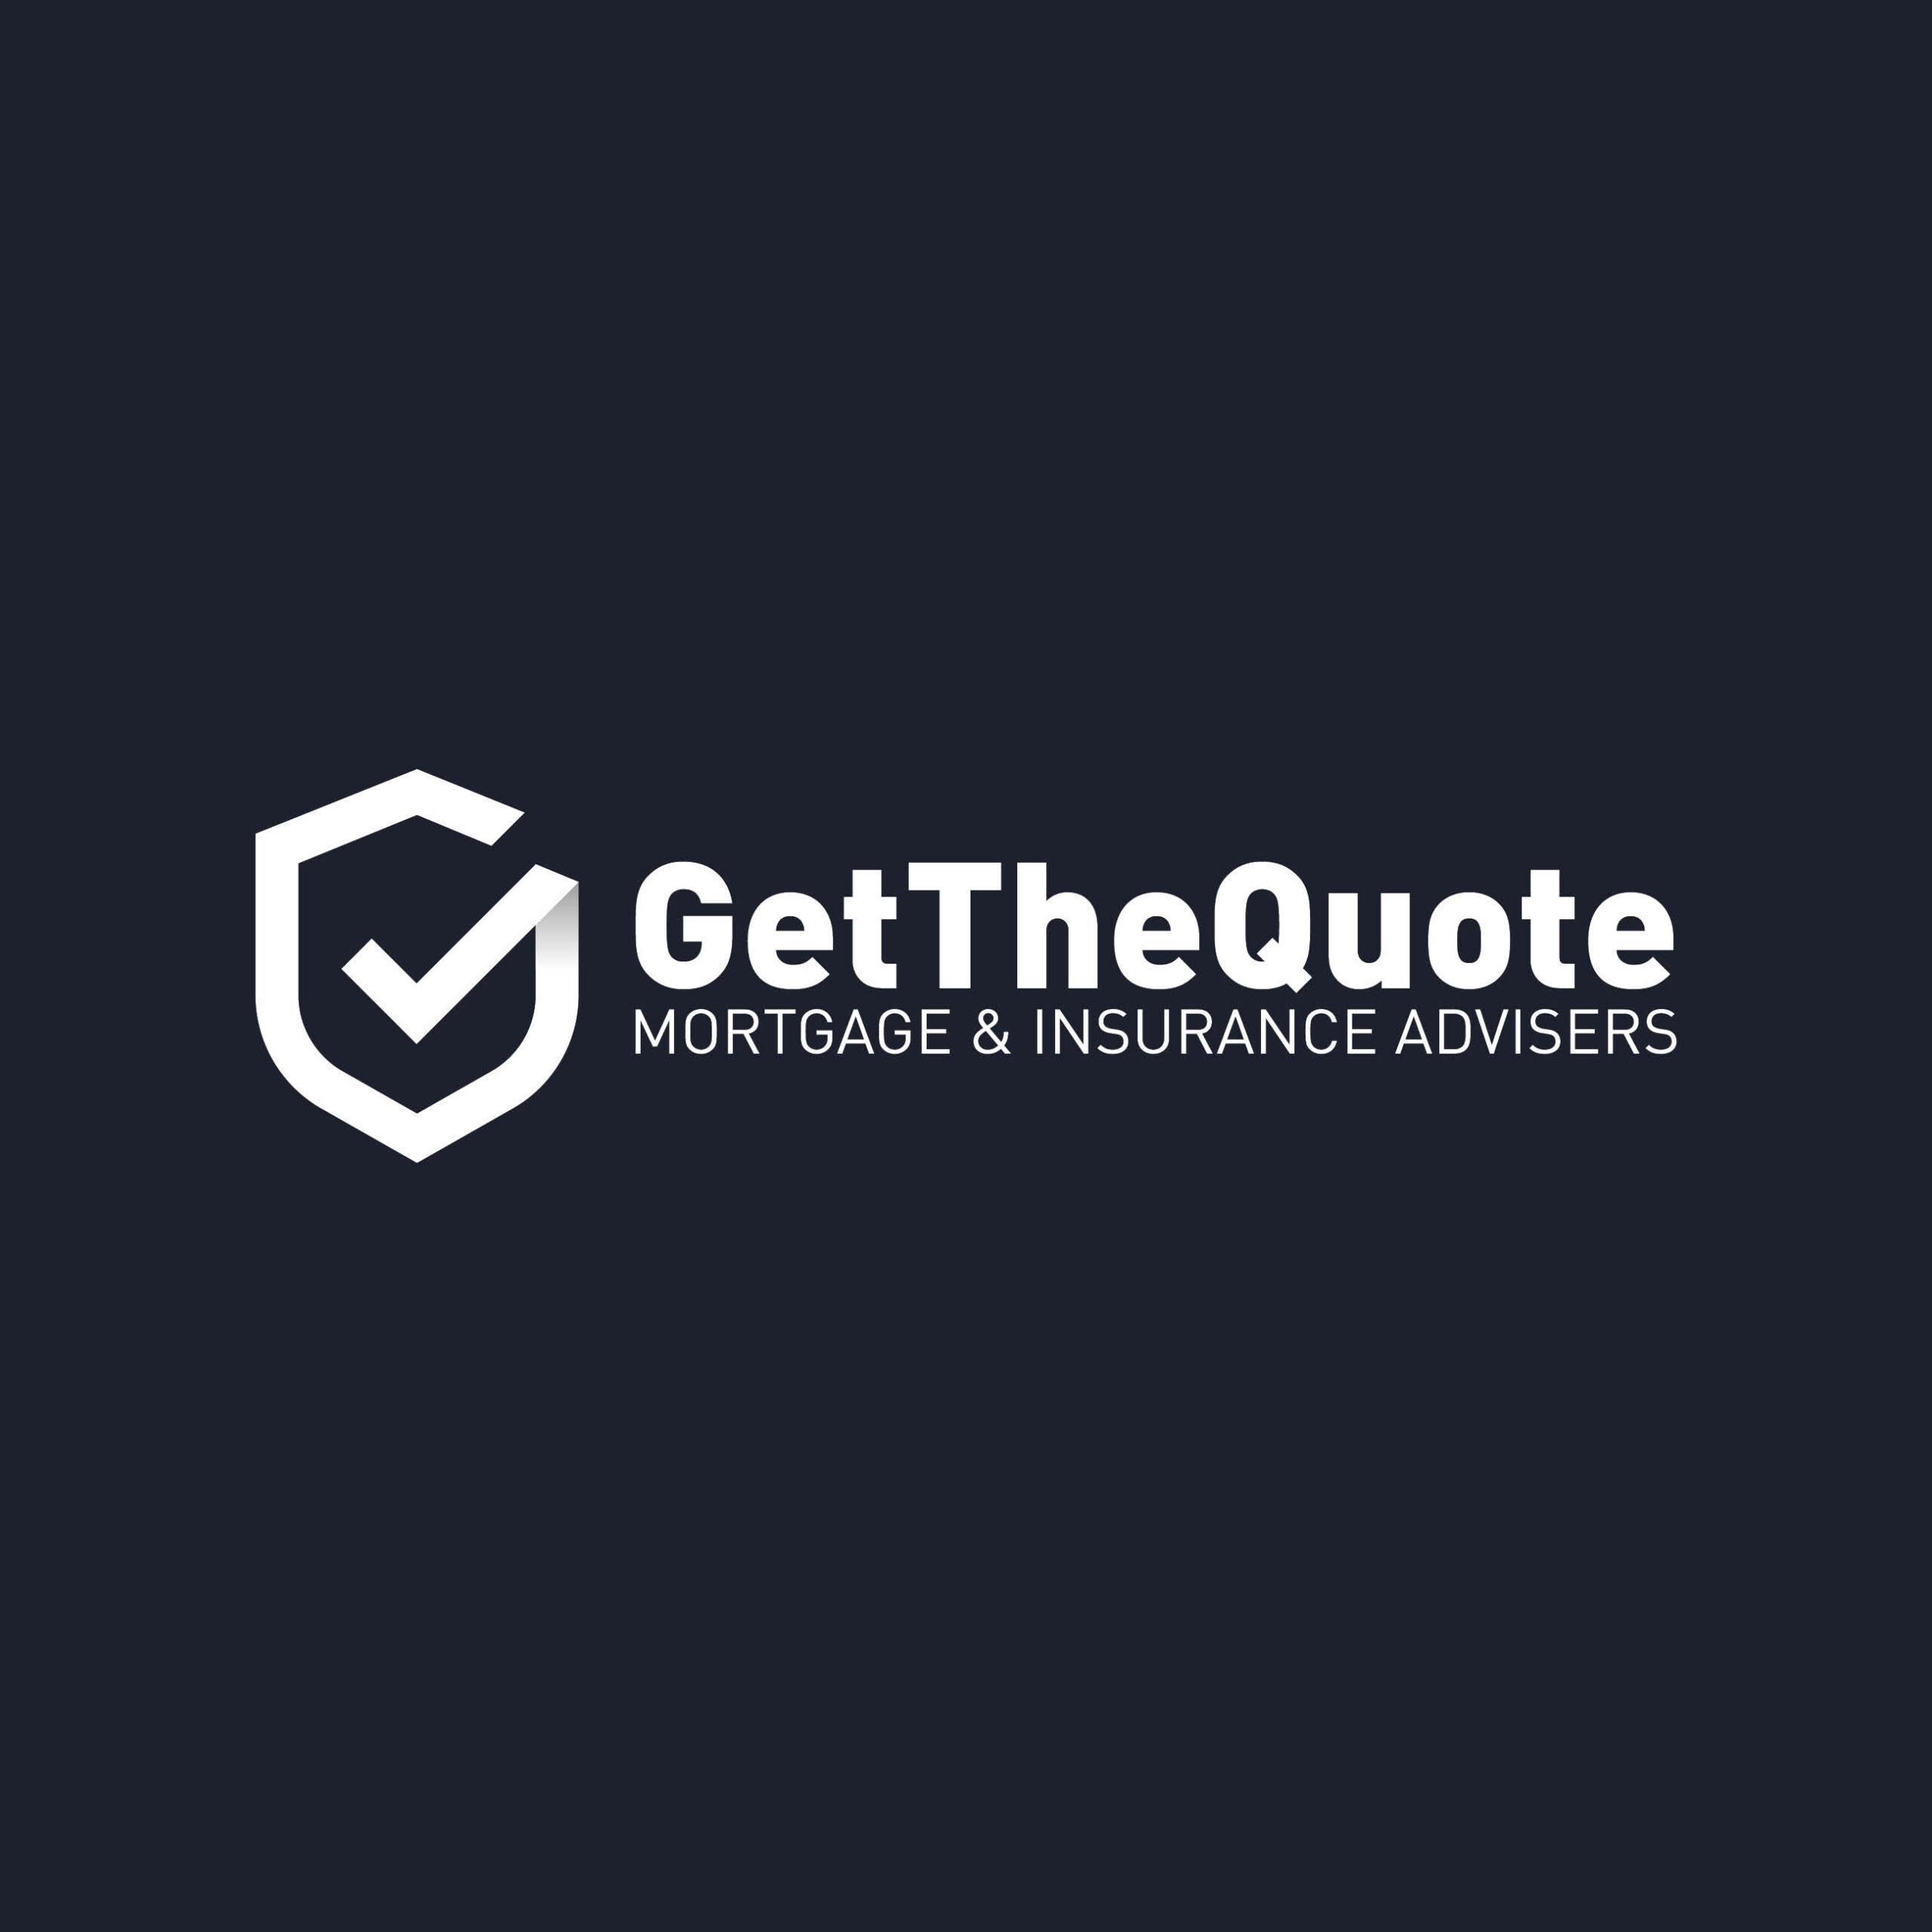 GetTheQuote_Logo_instagram2